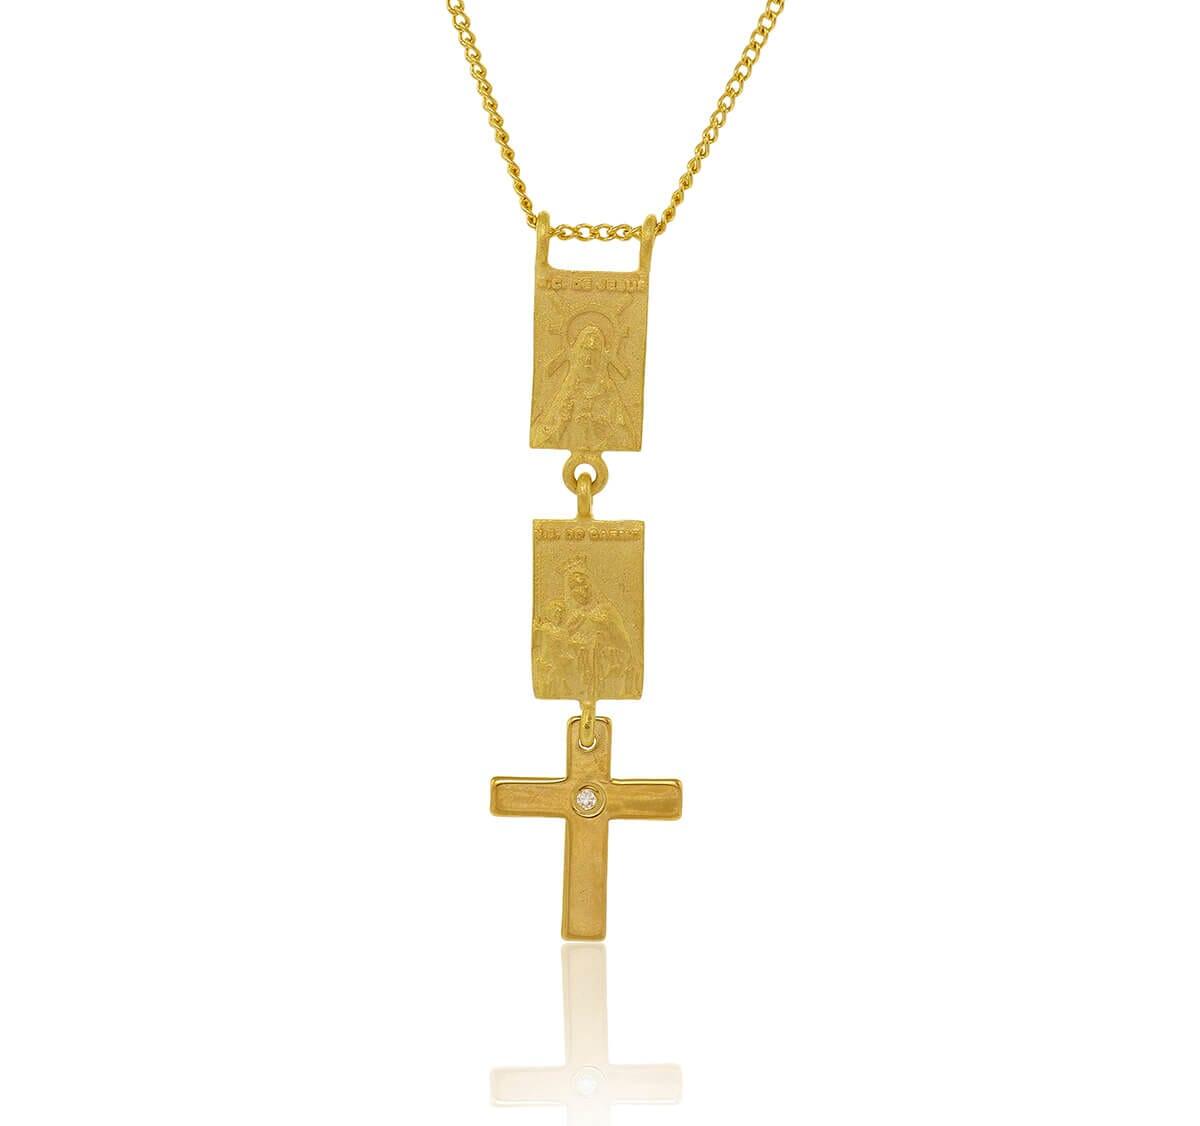 Escapulário Folheado a Ouro platinado com cruz e imagem